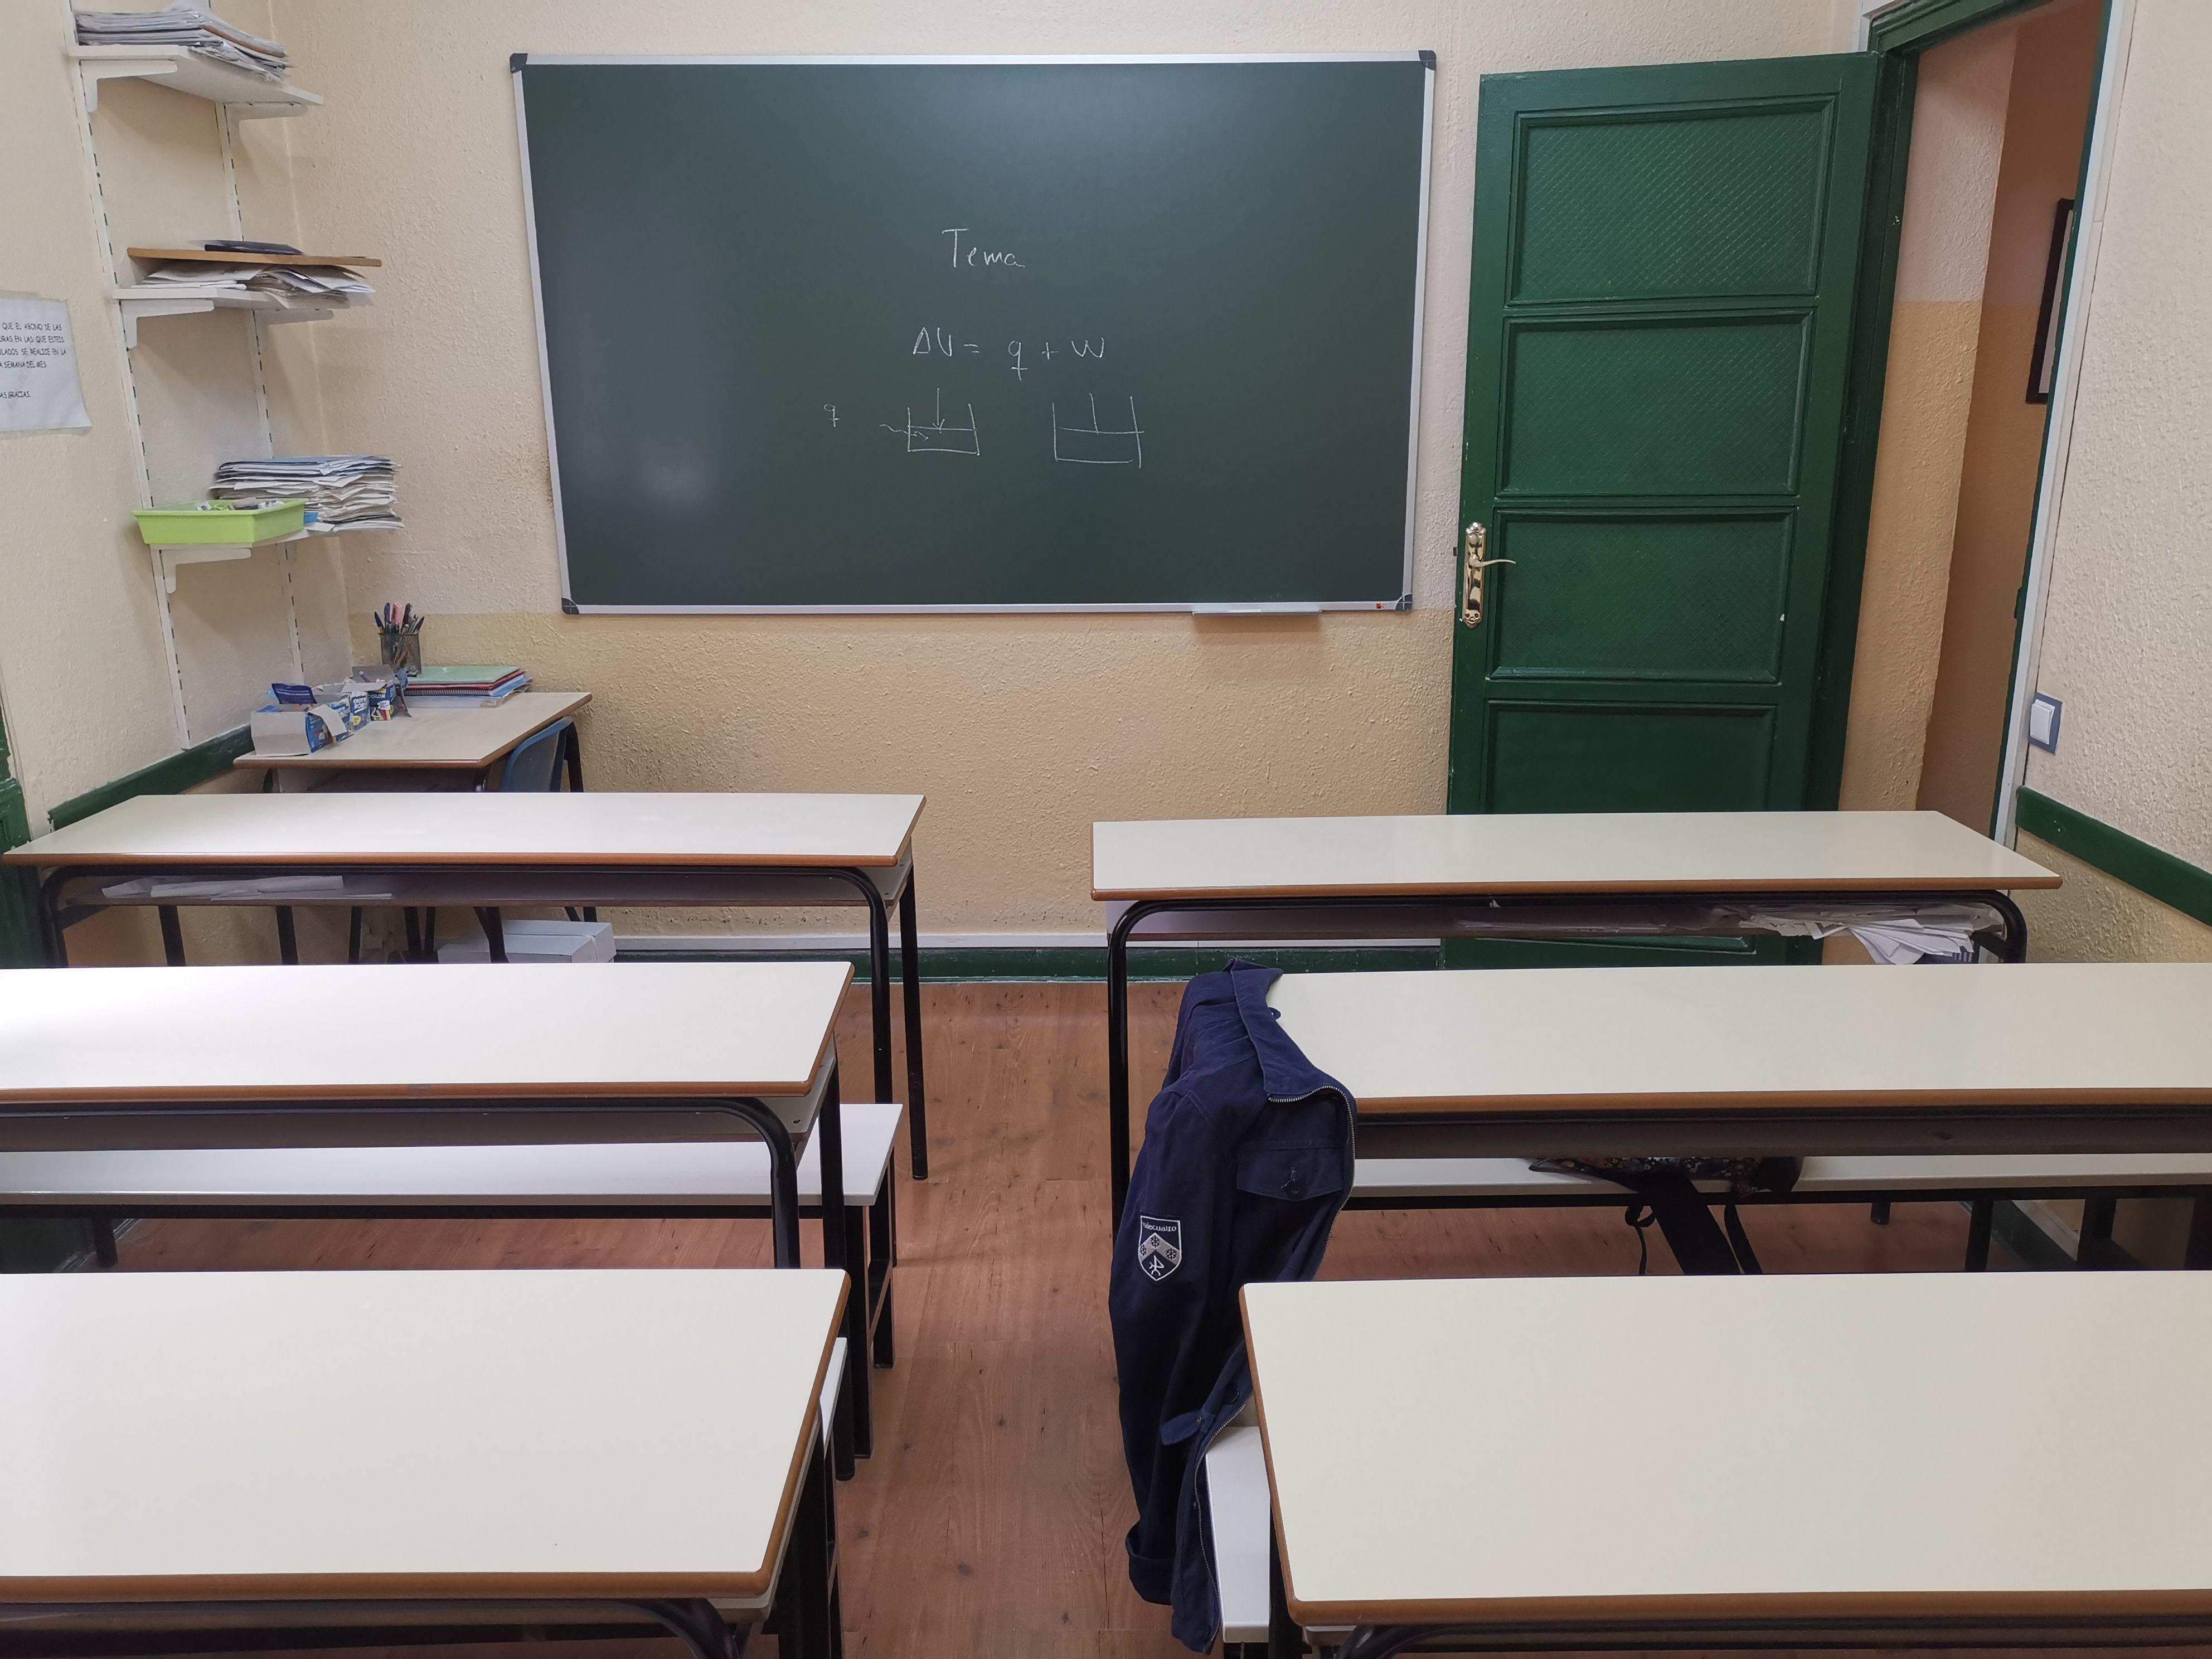 Clases de apoyo de física en Moncloa, Madrid